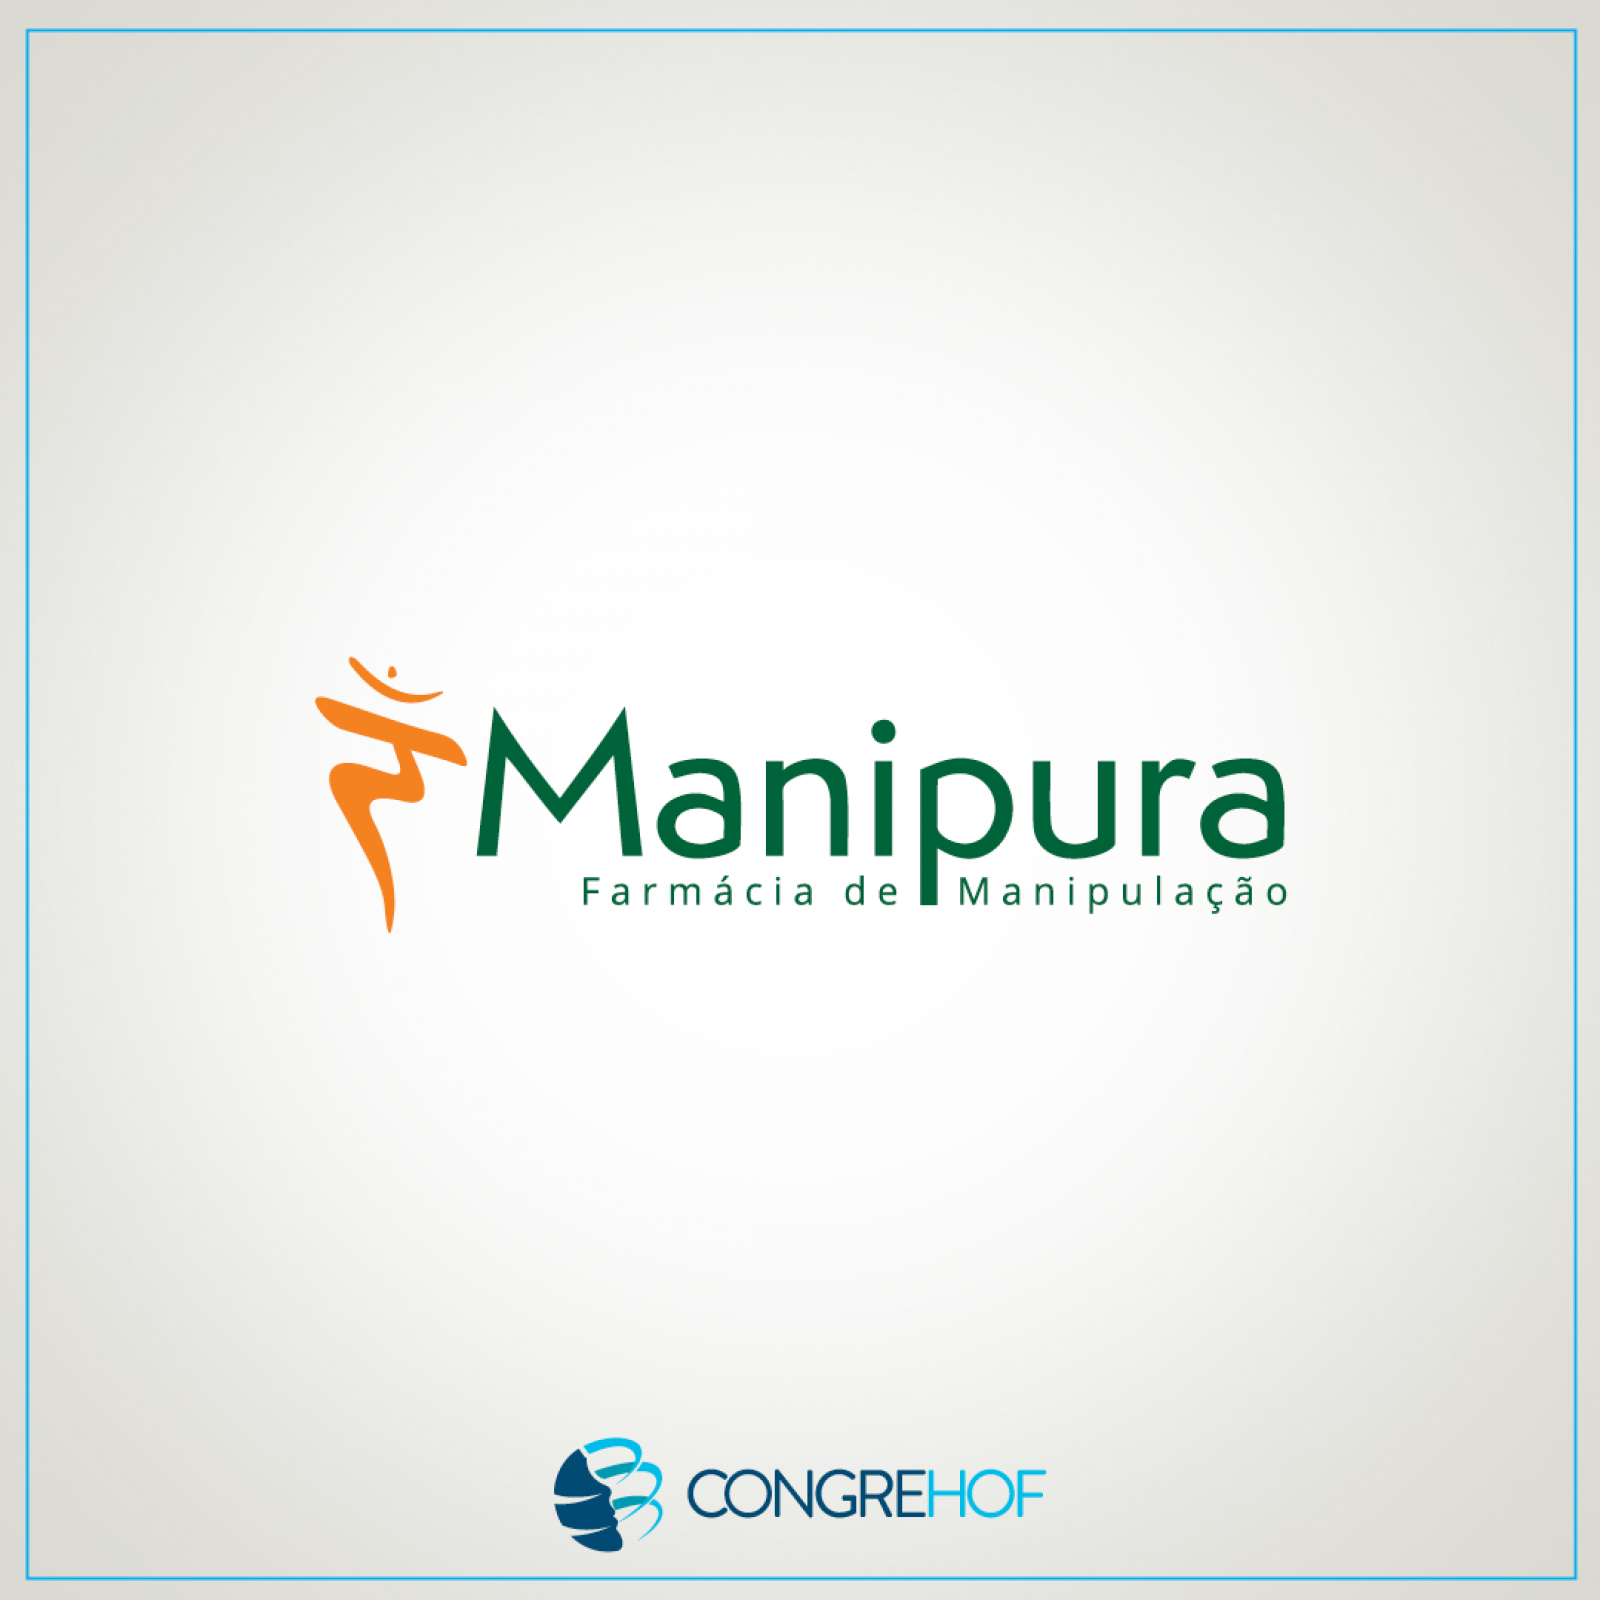 MANIPURA Farmácia de Manipulação